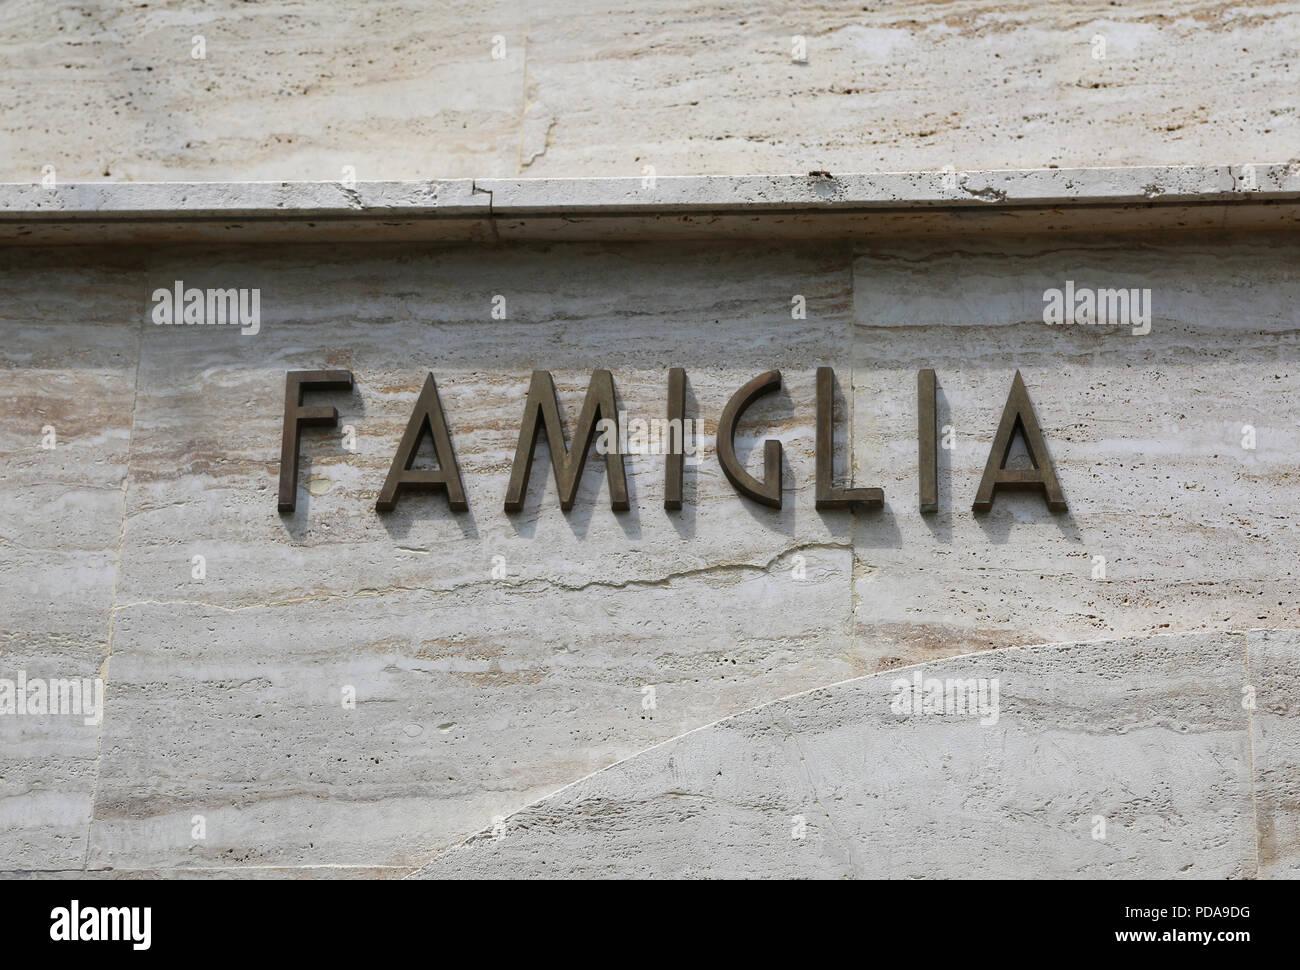 Testo Grande Rimasta In Famgilia Che Significa Famiglia In Lingua